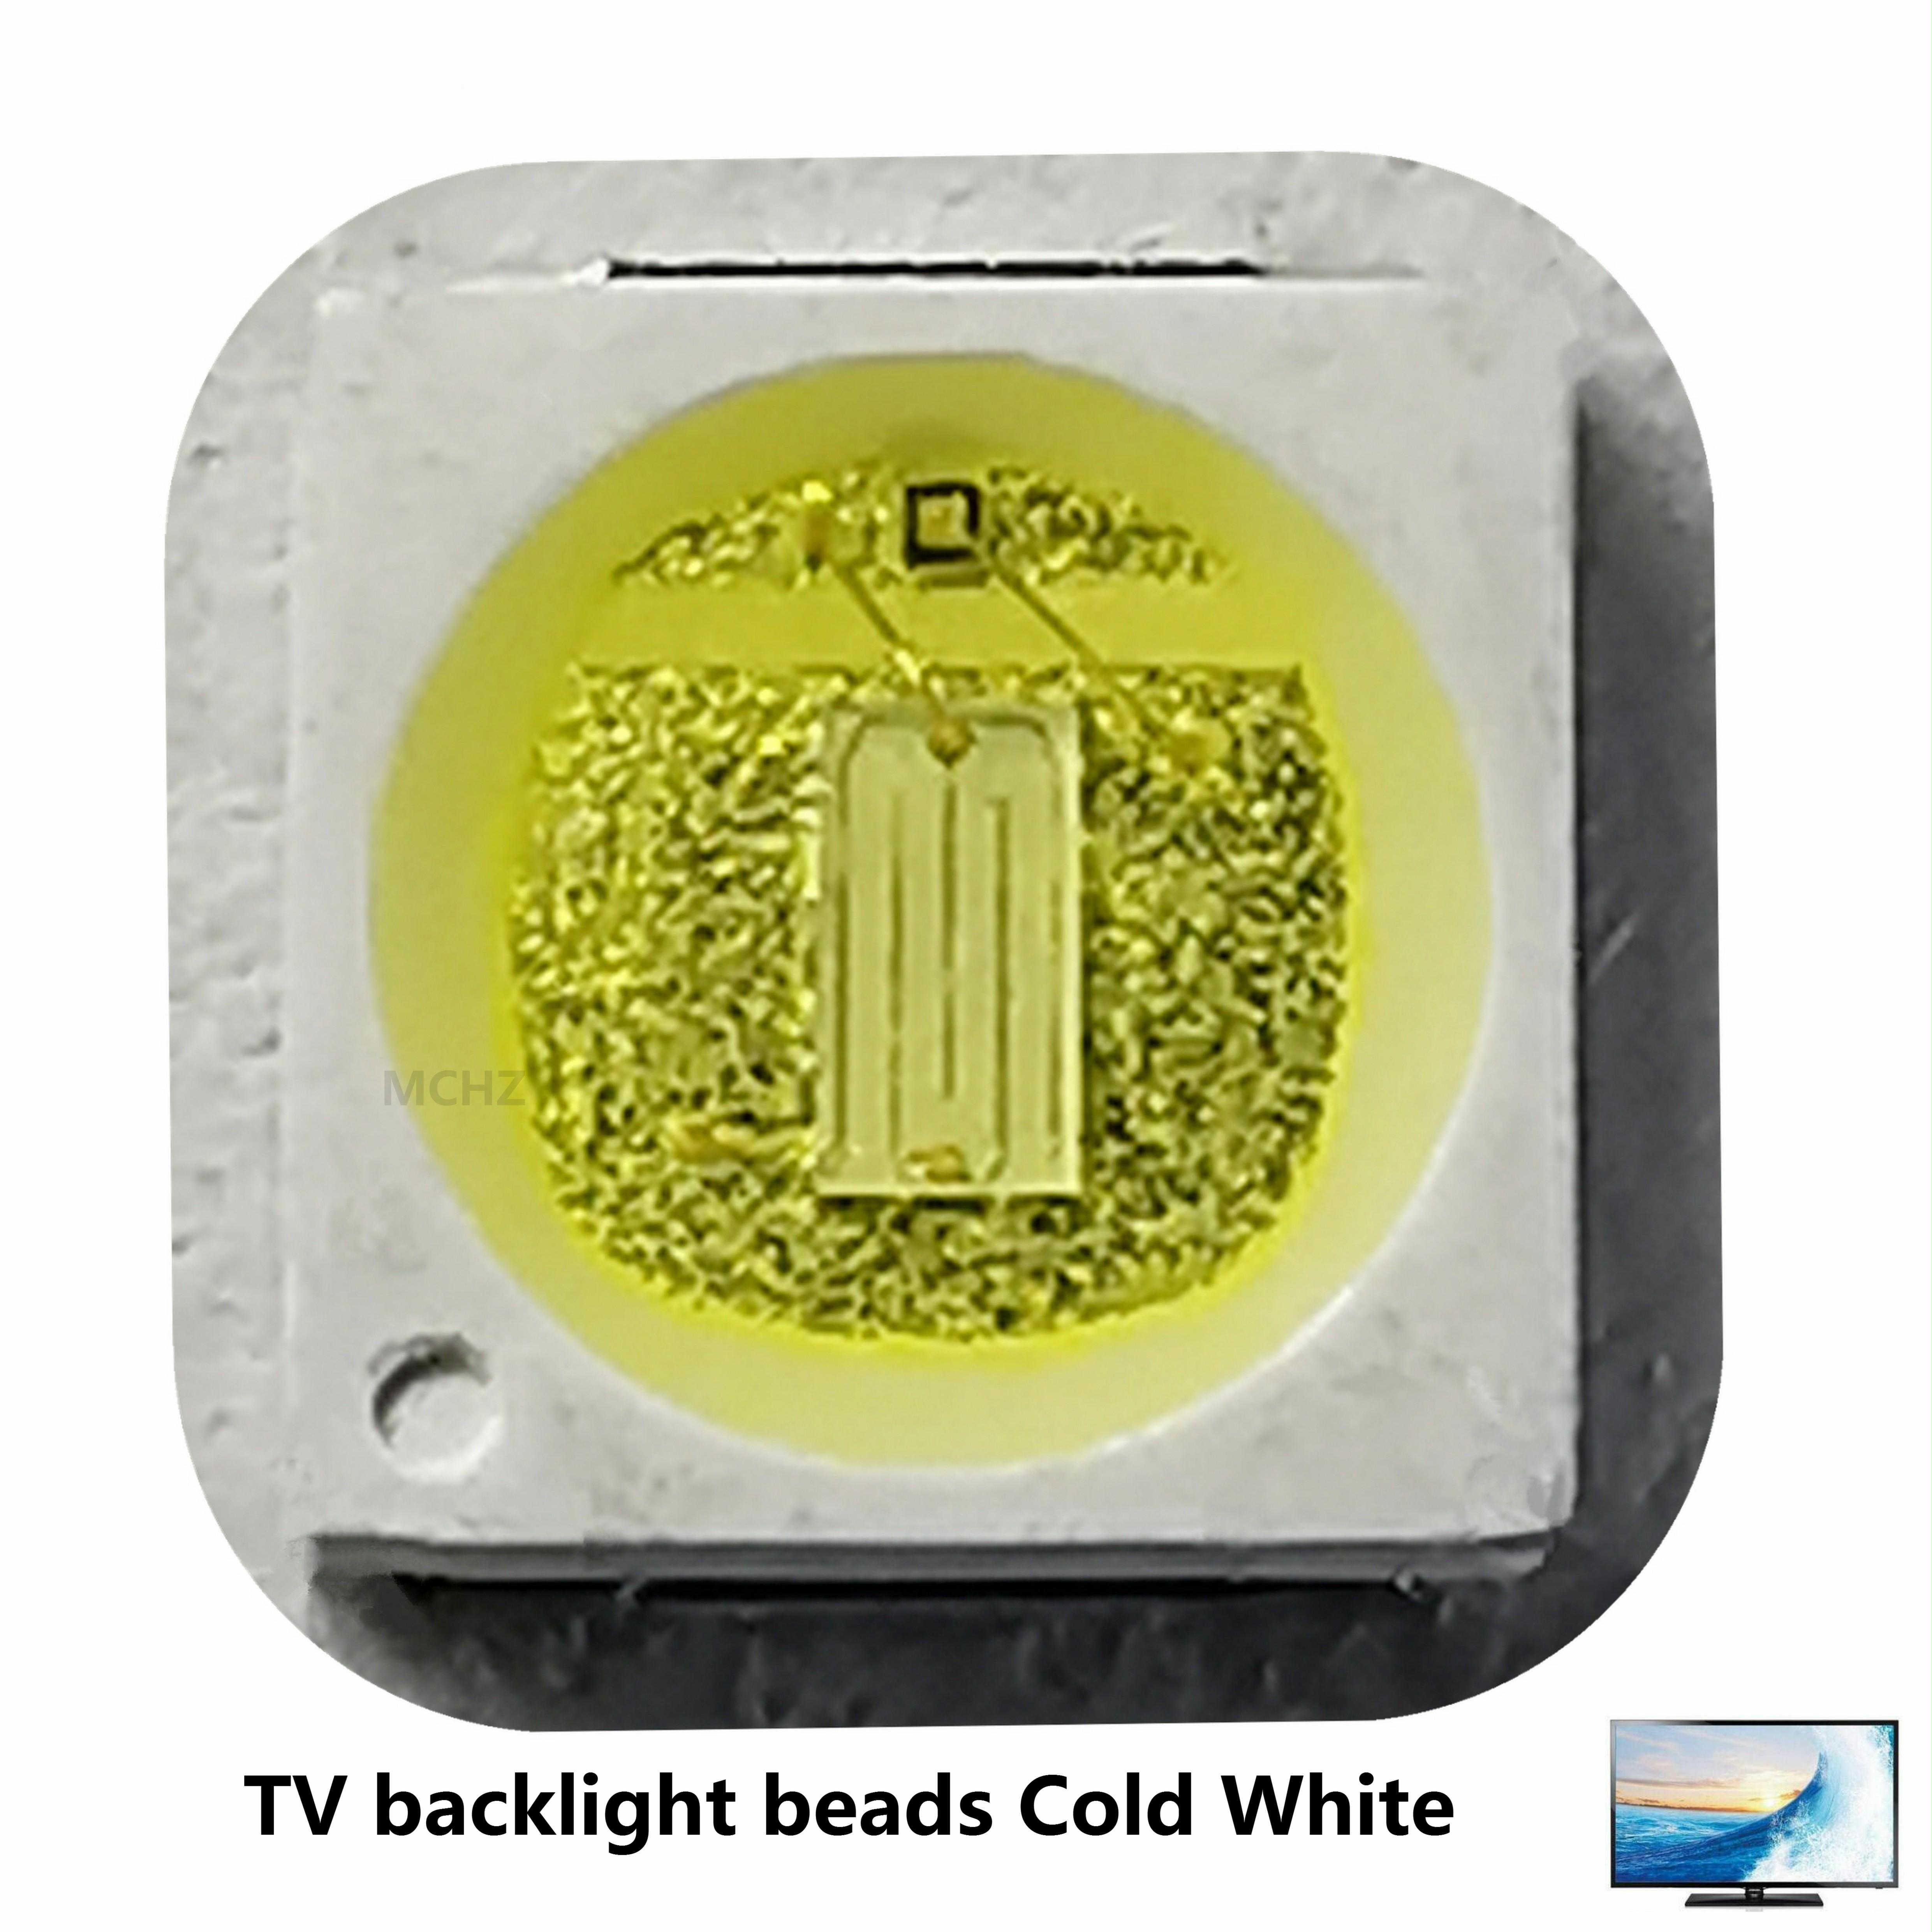 100 pces 3030 luz de fundo de alta potência led chips duplos 1.5 w 3 v-3.6 v lextar jufei aot branco fresco pt30a66 tv